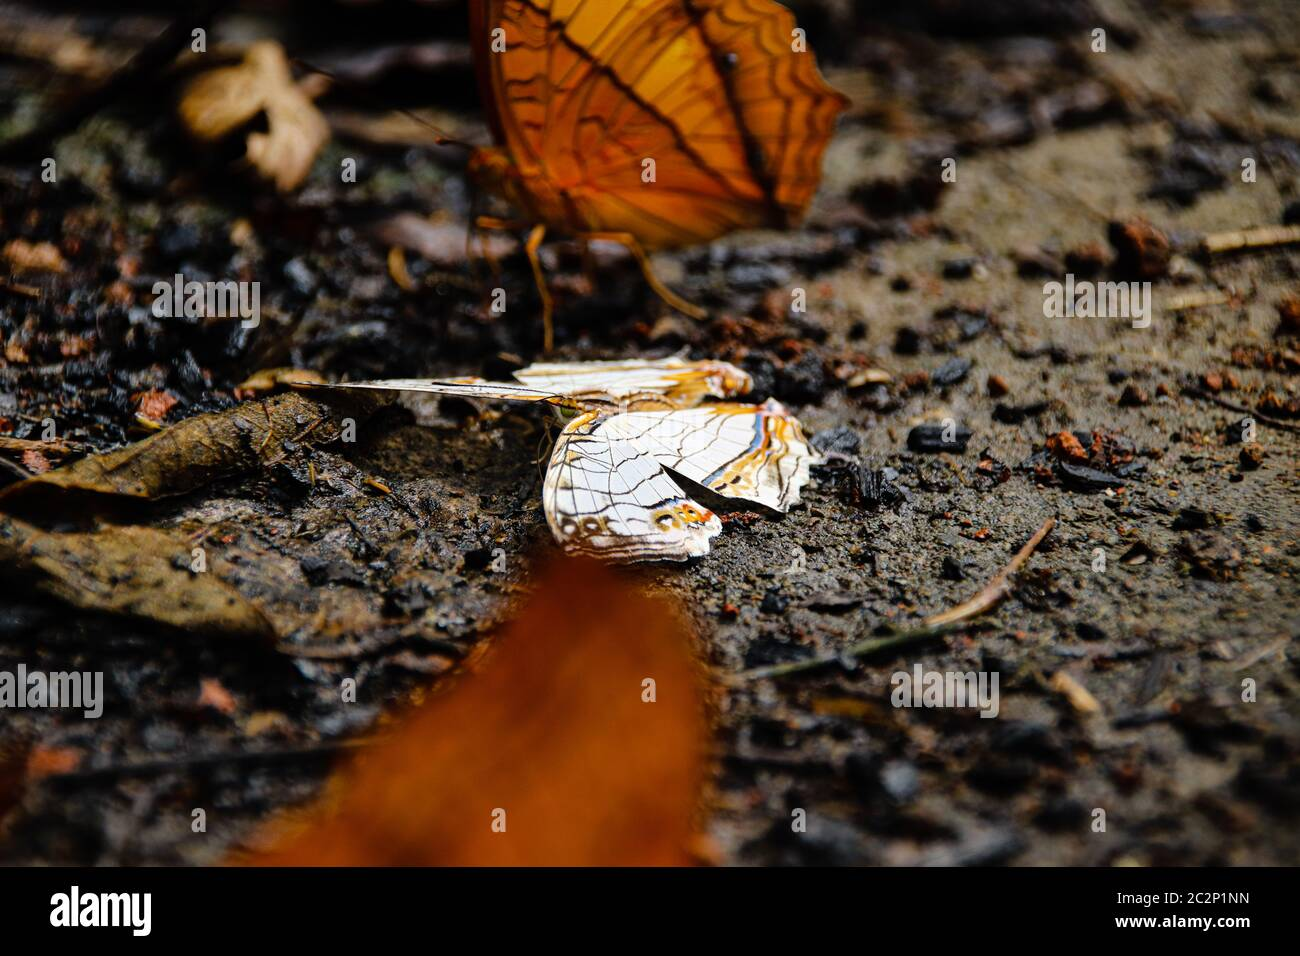 Una mariposa muerta en el suelo que muestra el concepto de equilibrio entre la vida y la muerte en la naturaleza Foto de stock